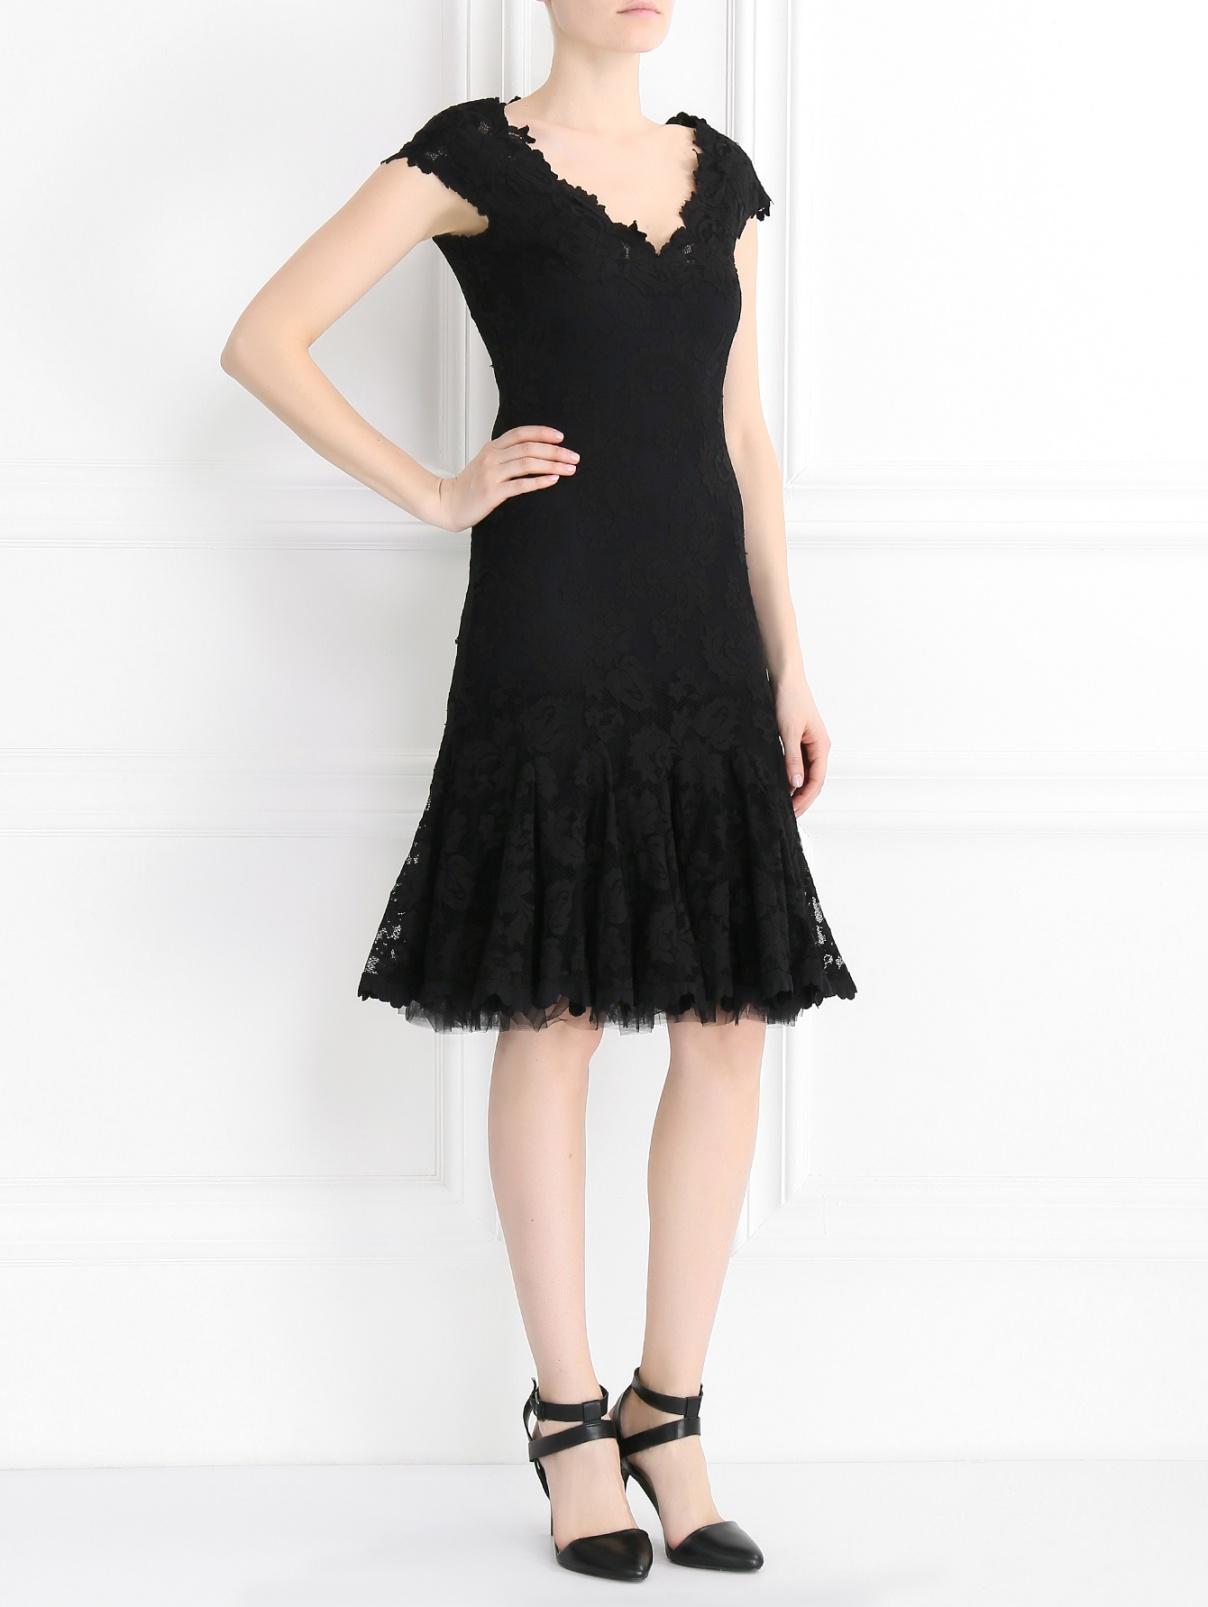 Платье-мини из кружева OLVI`S  –  Модель Общий вид  – Цвет:  Черный